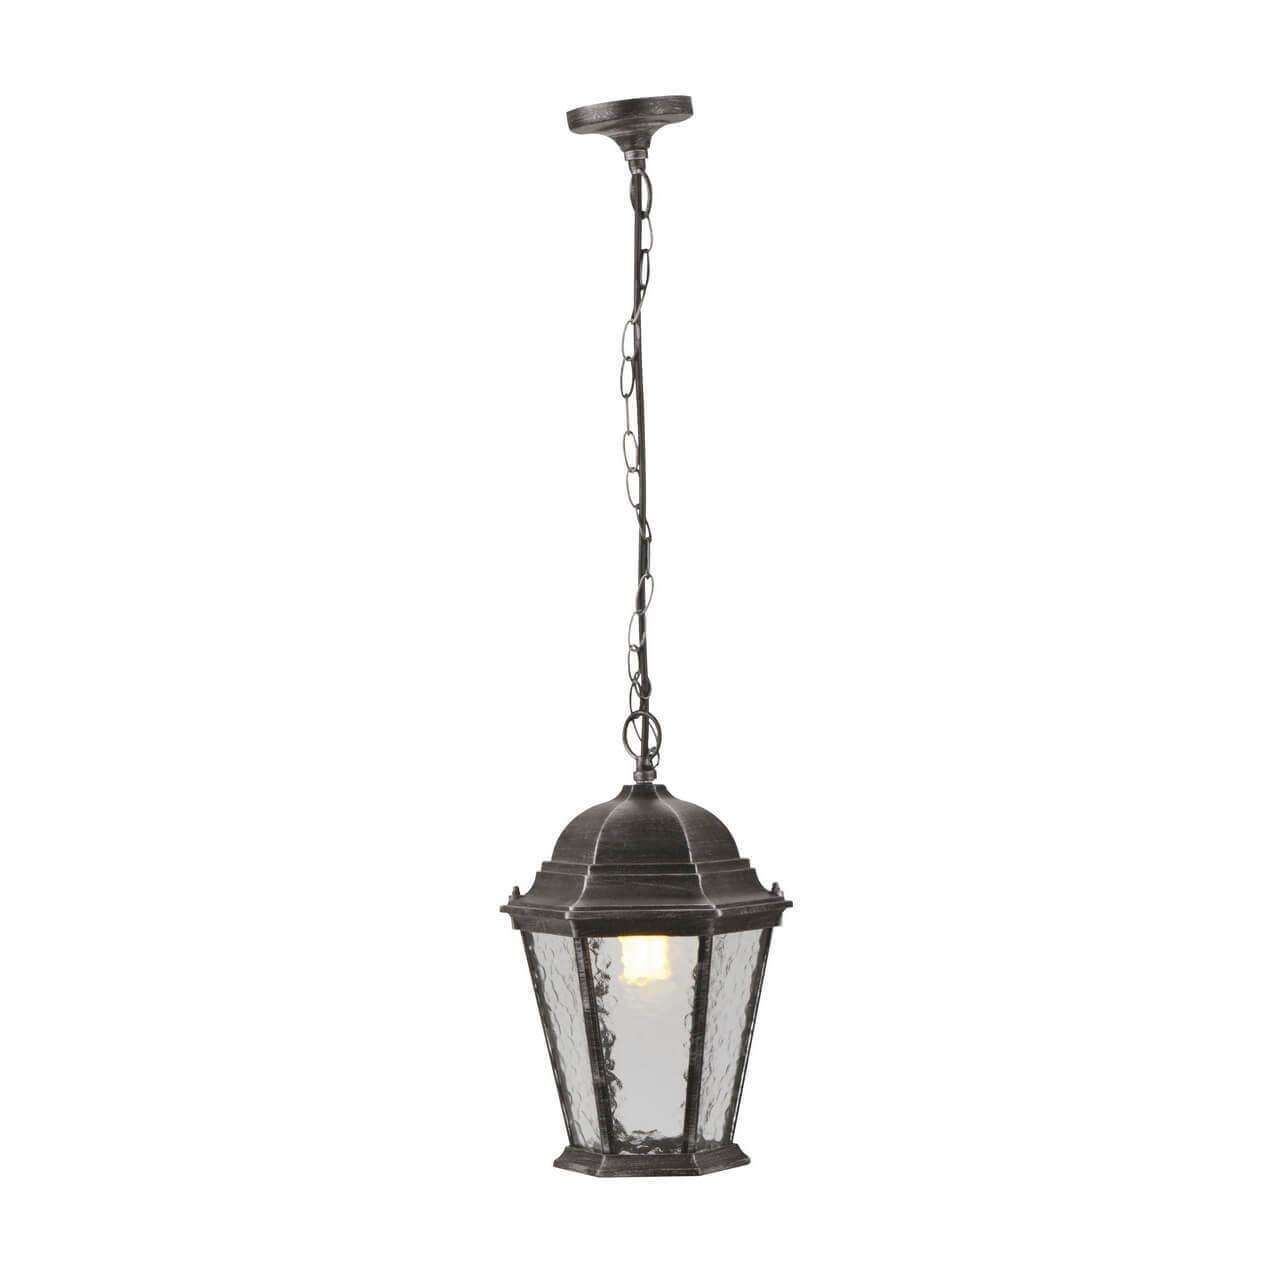 Уличный светильник Arte Lamp A1205SO-1BS, E27